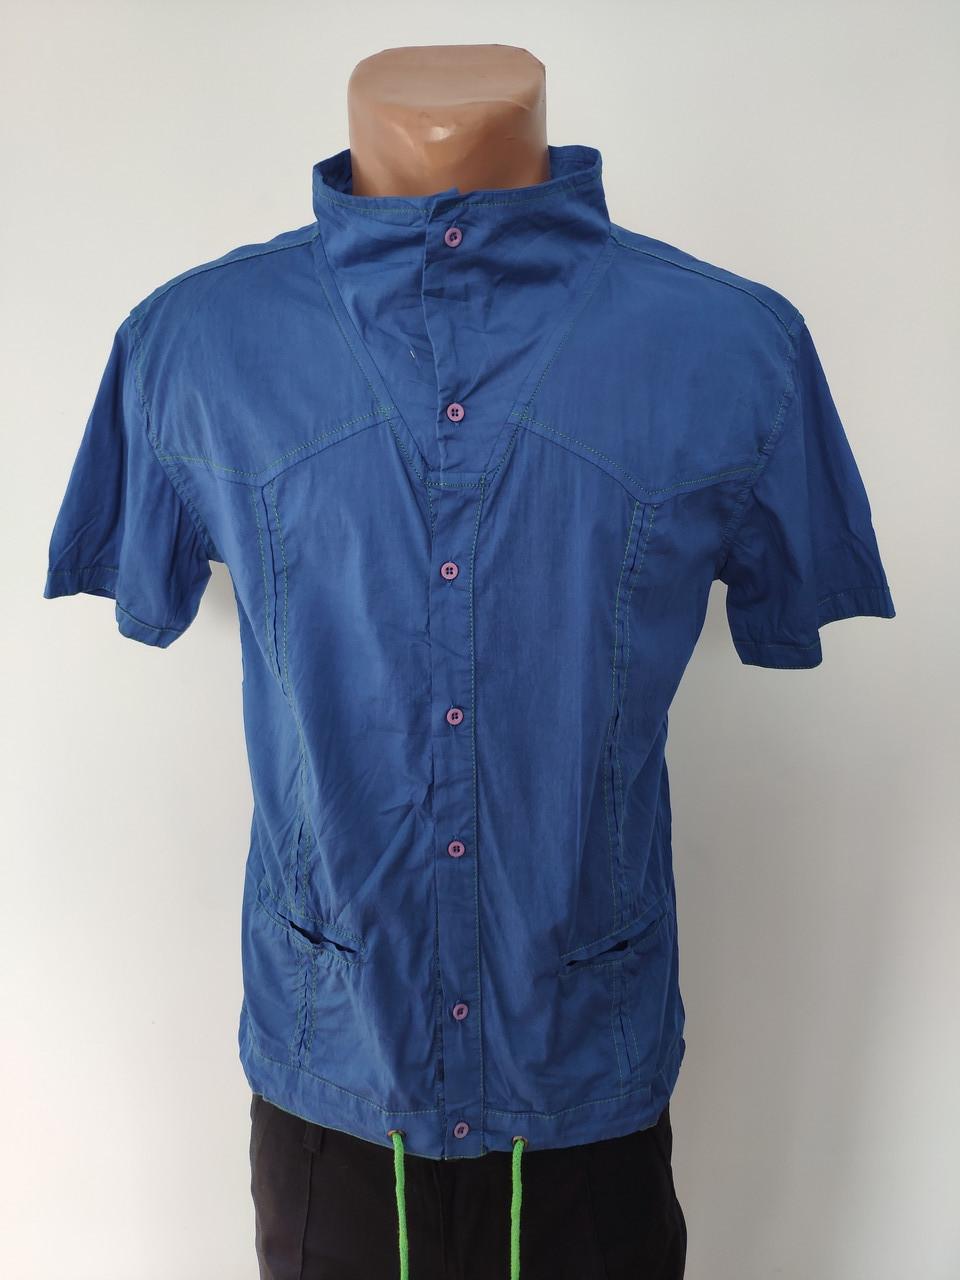 Рубашка мужская летняя коттоновая стрейчевая брендовая высокого качества WEAWER, Турция